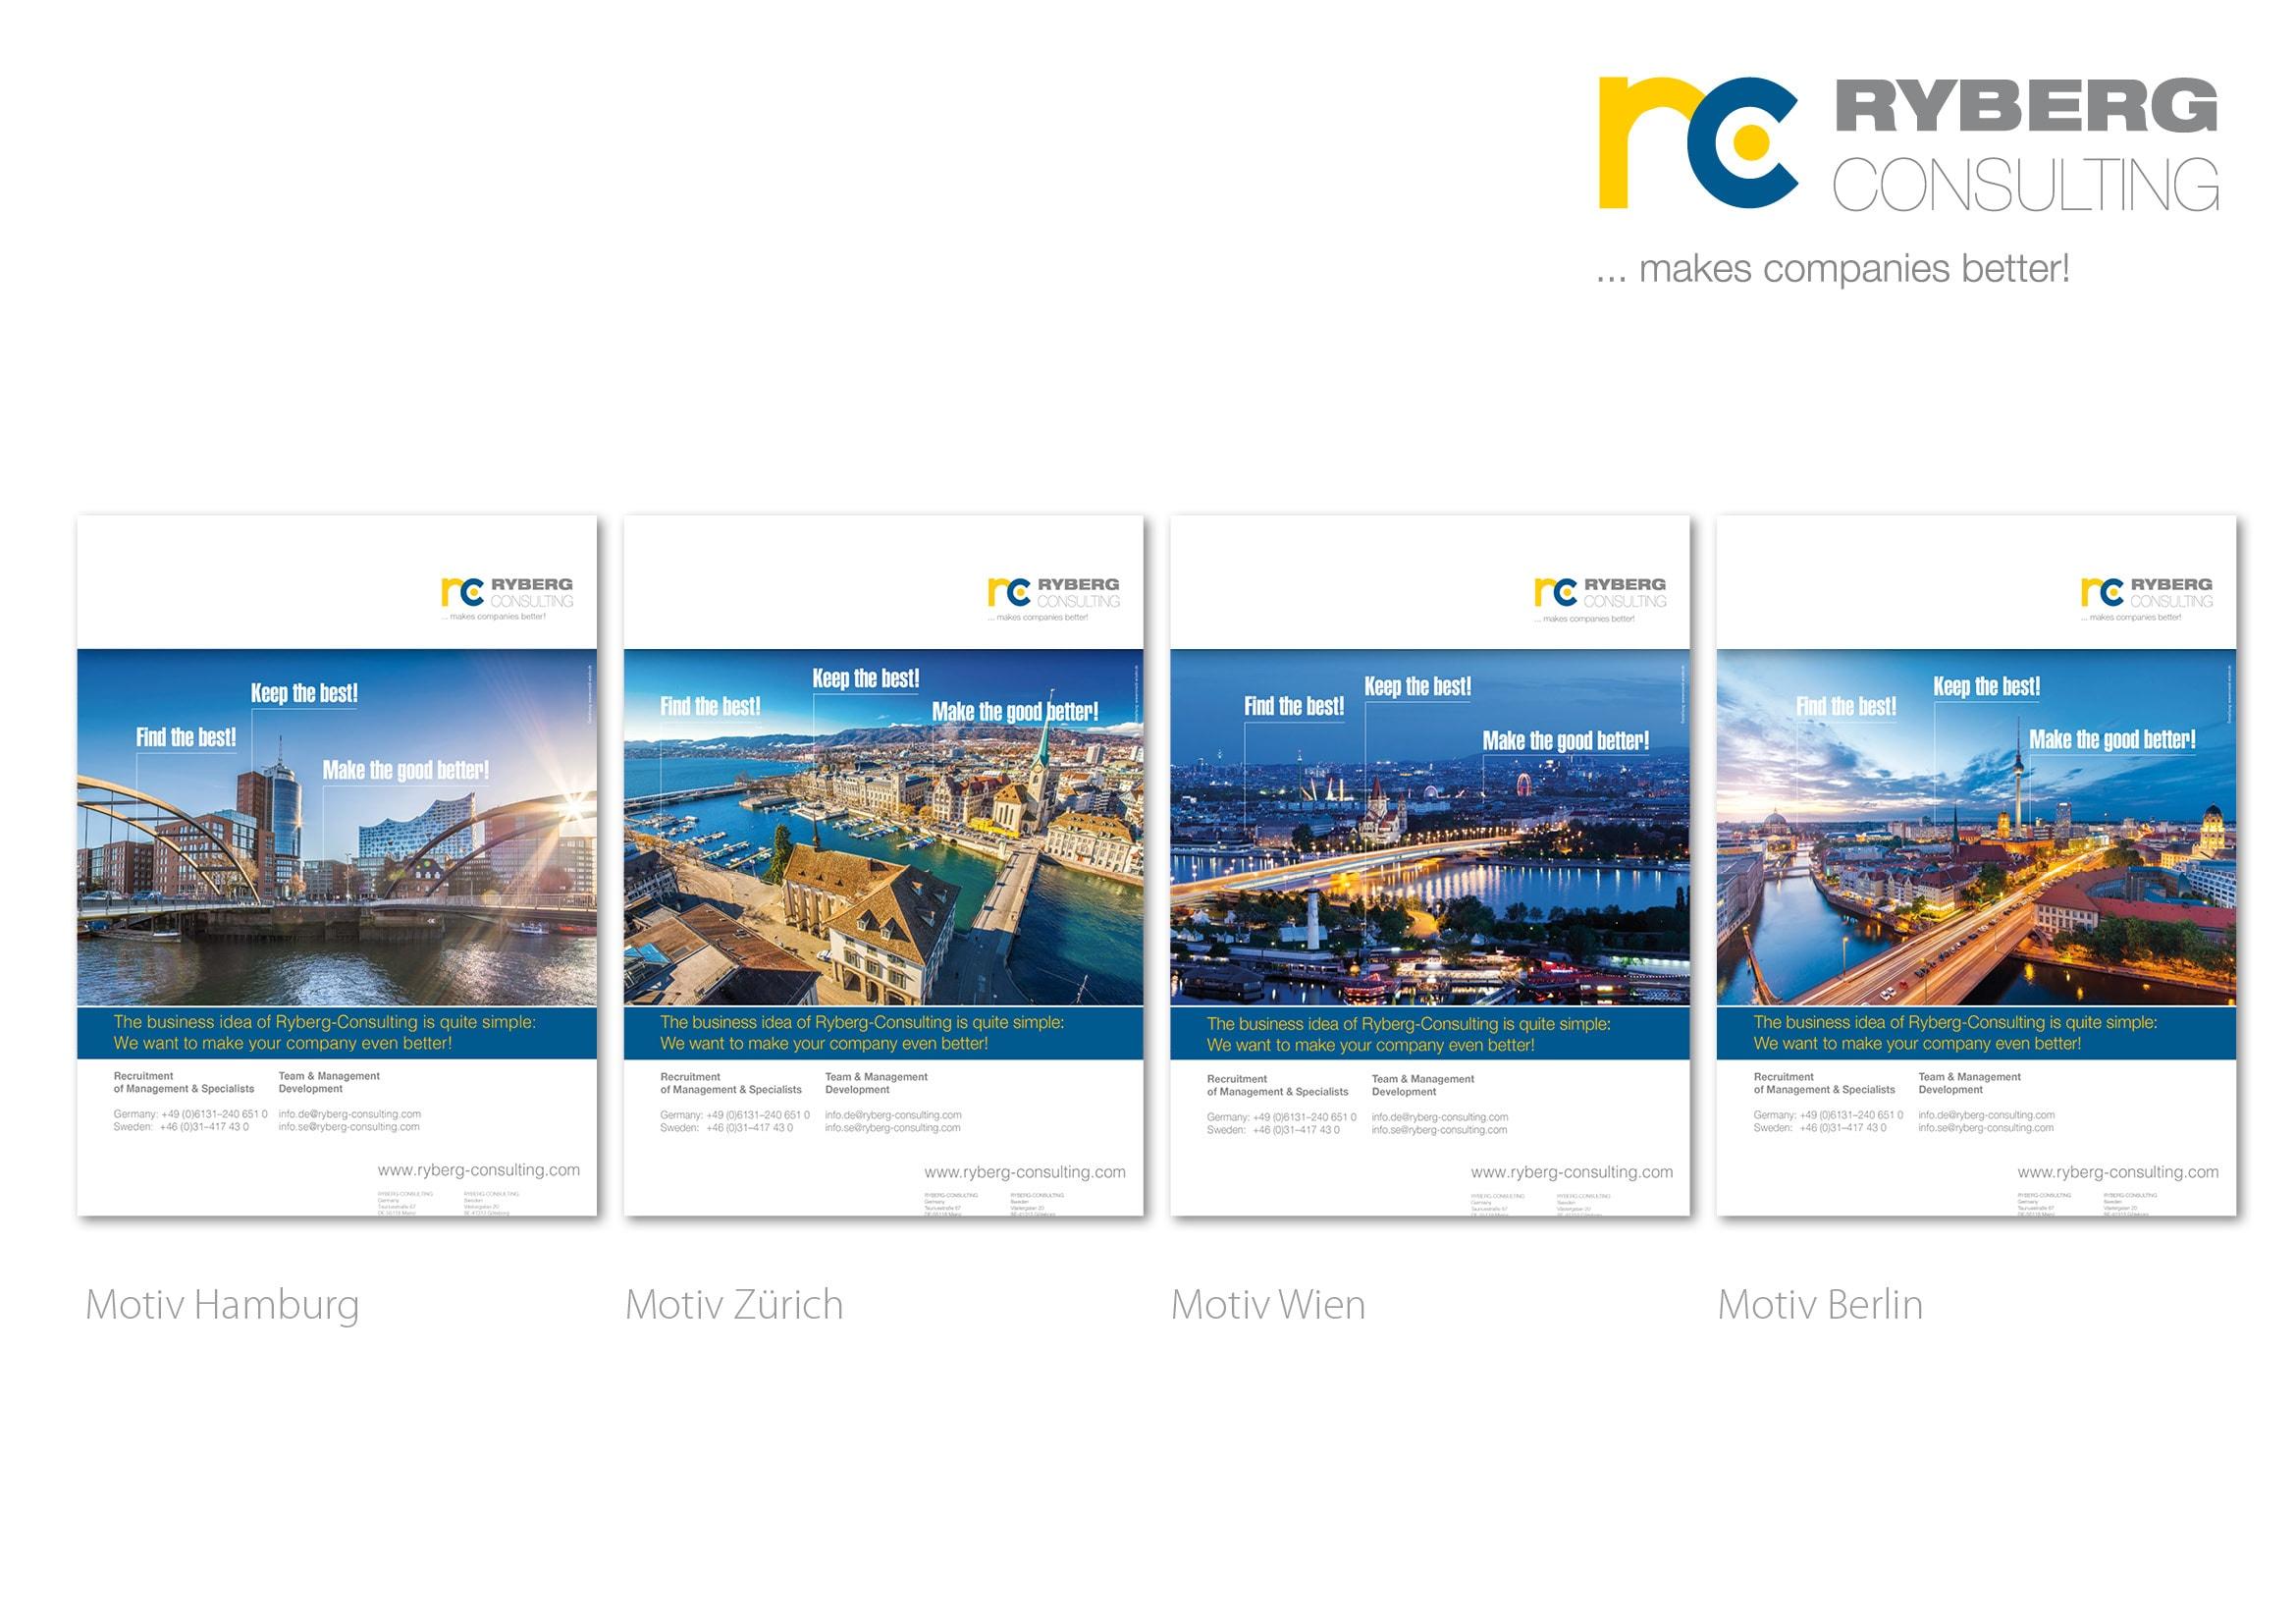 """Entwicklung Anzeigenmotive für die Anzeigenkampagne """"Find the Best!"""" für die Personalberatung Ryberg Consulting durch Grafik-Designer Ronald Wissler"""